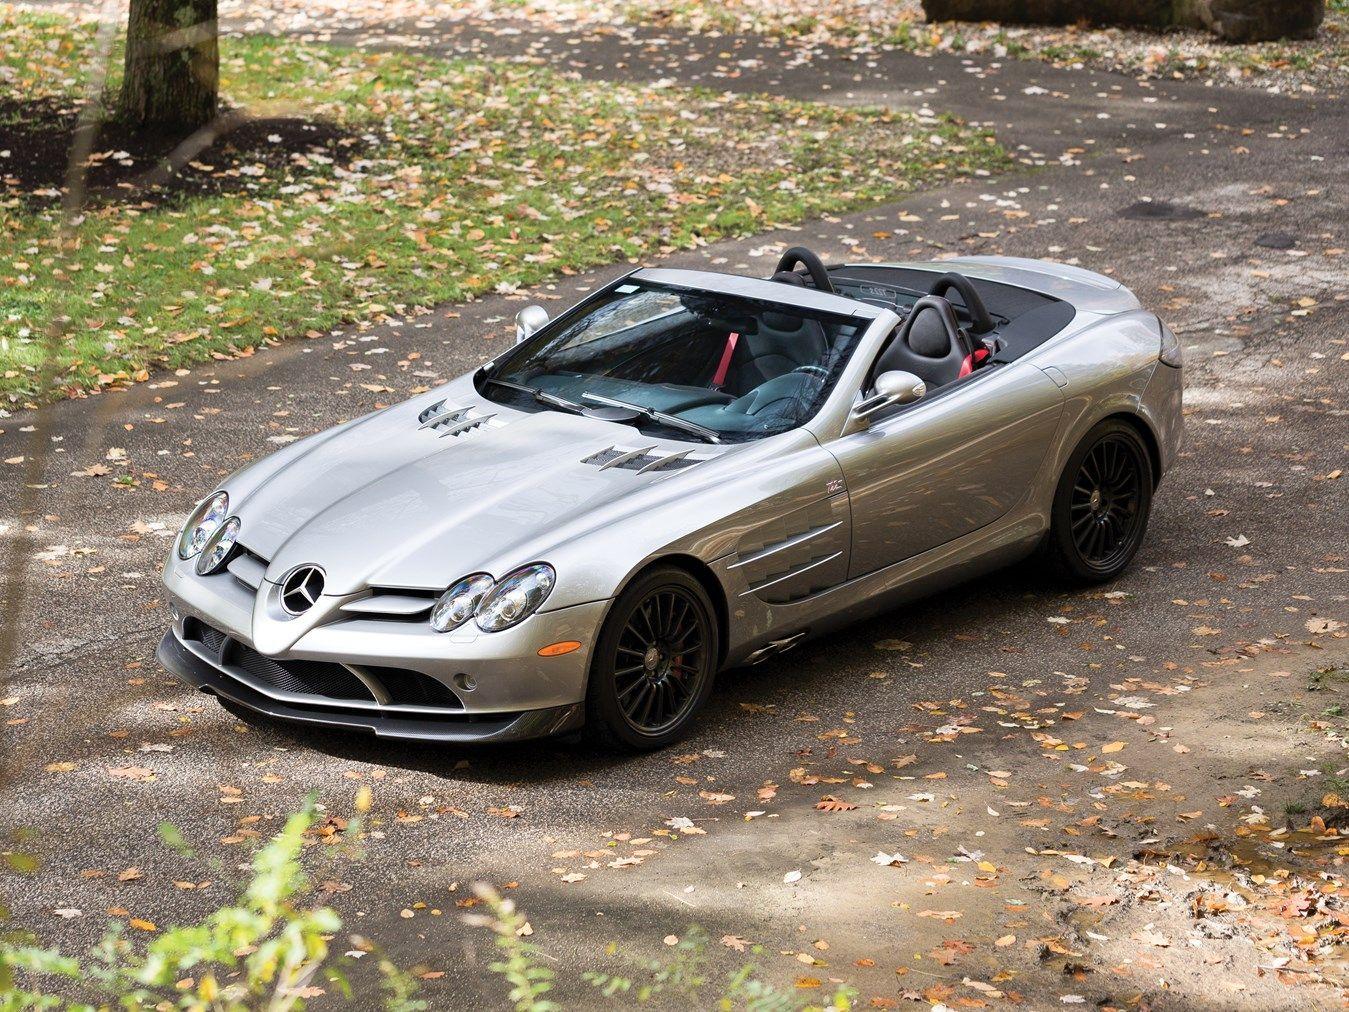 2009 Mercedes Benz Slr Mclaren 722 S Roadster